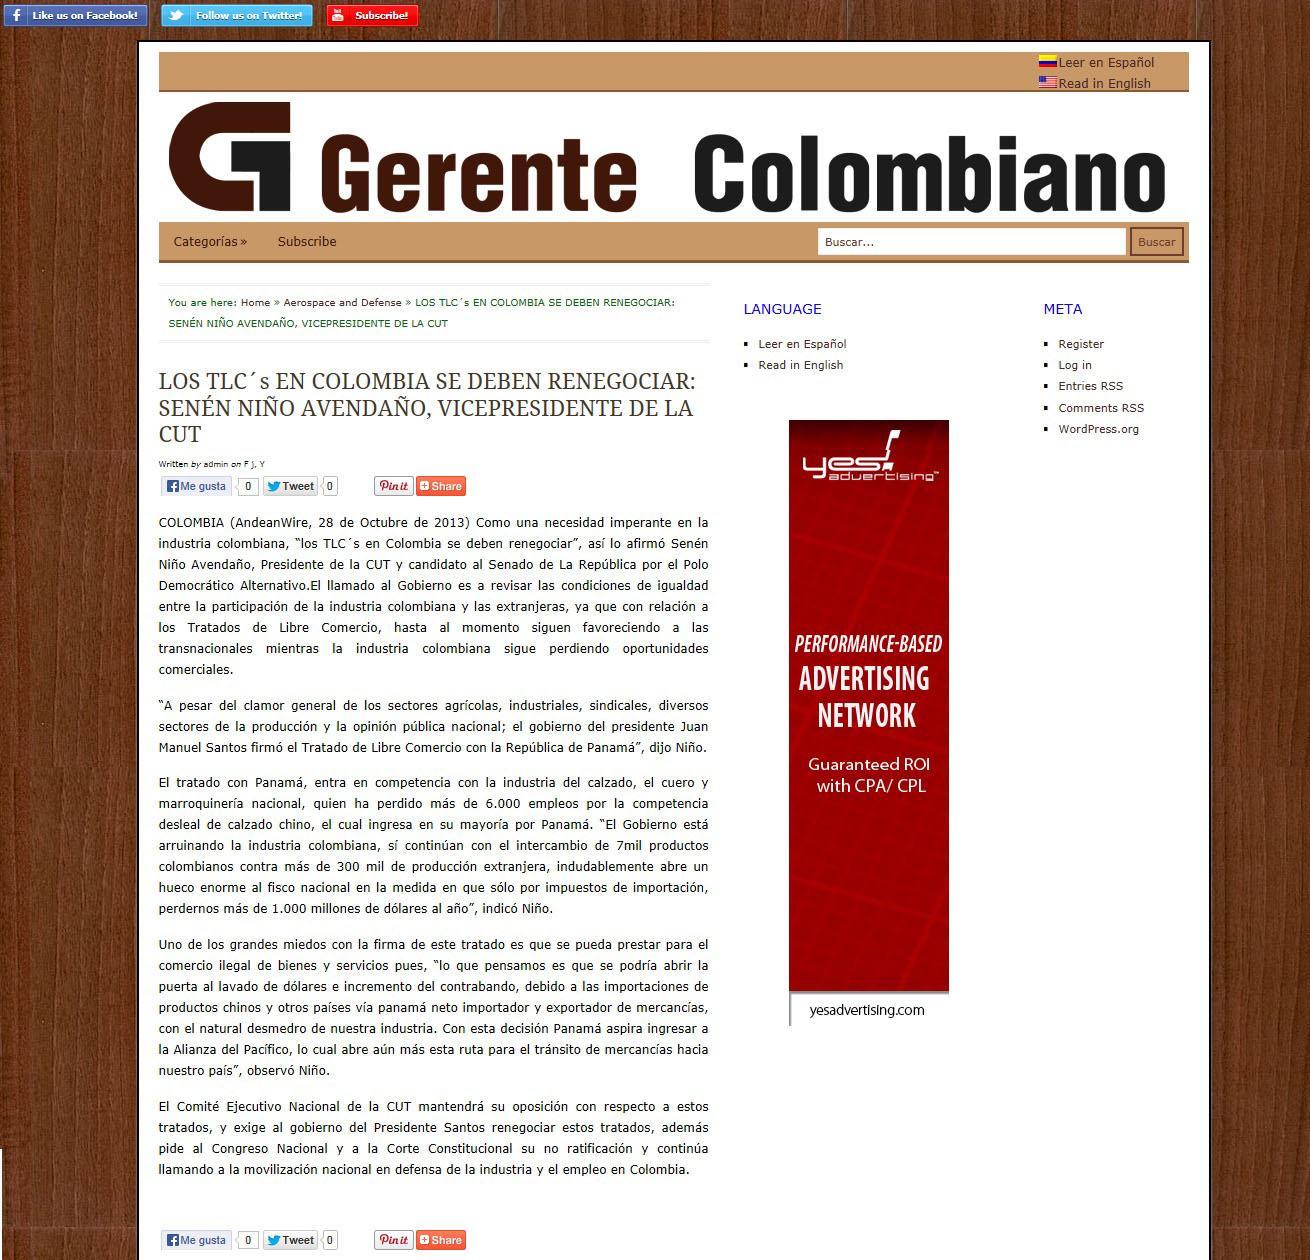 GERENTE COLOMBIANO nov. 2013